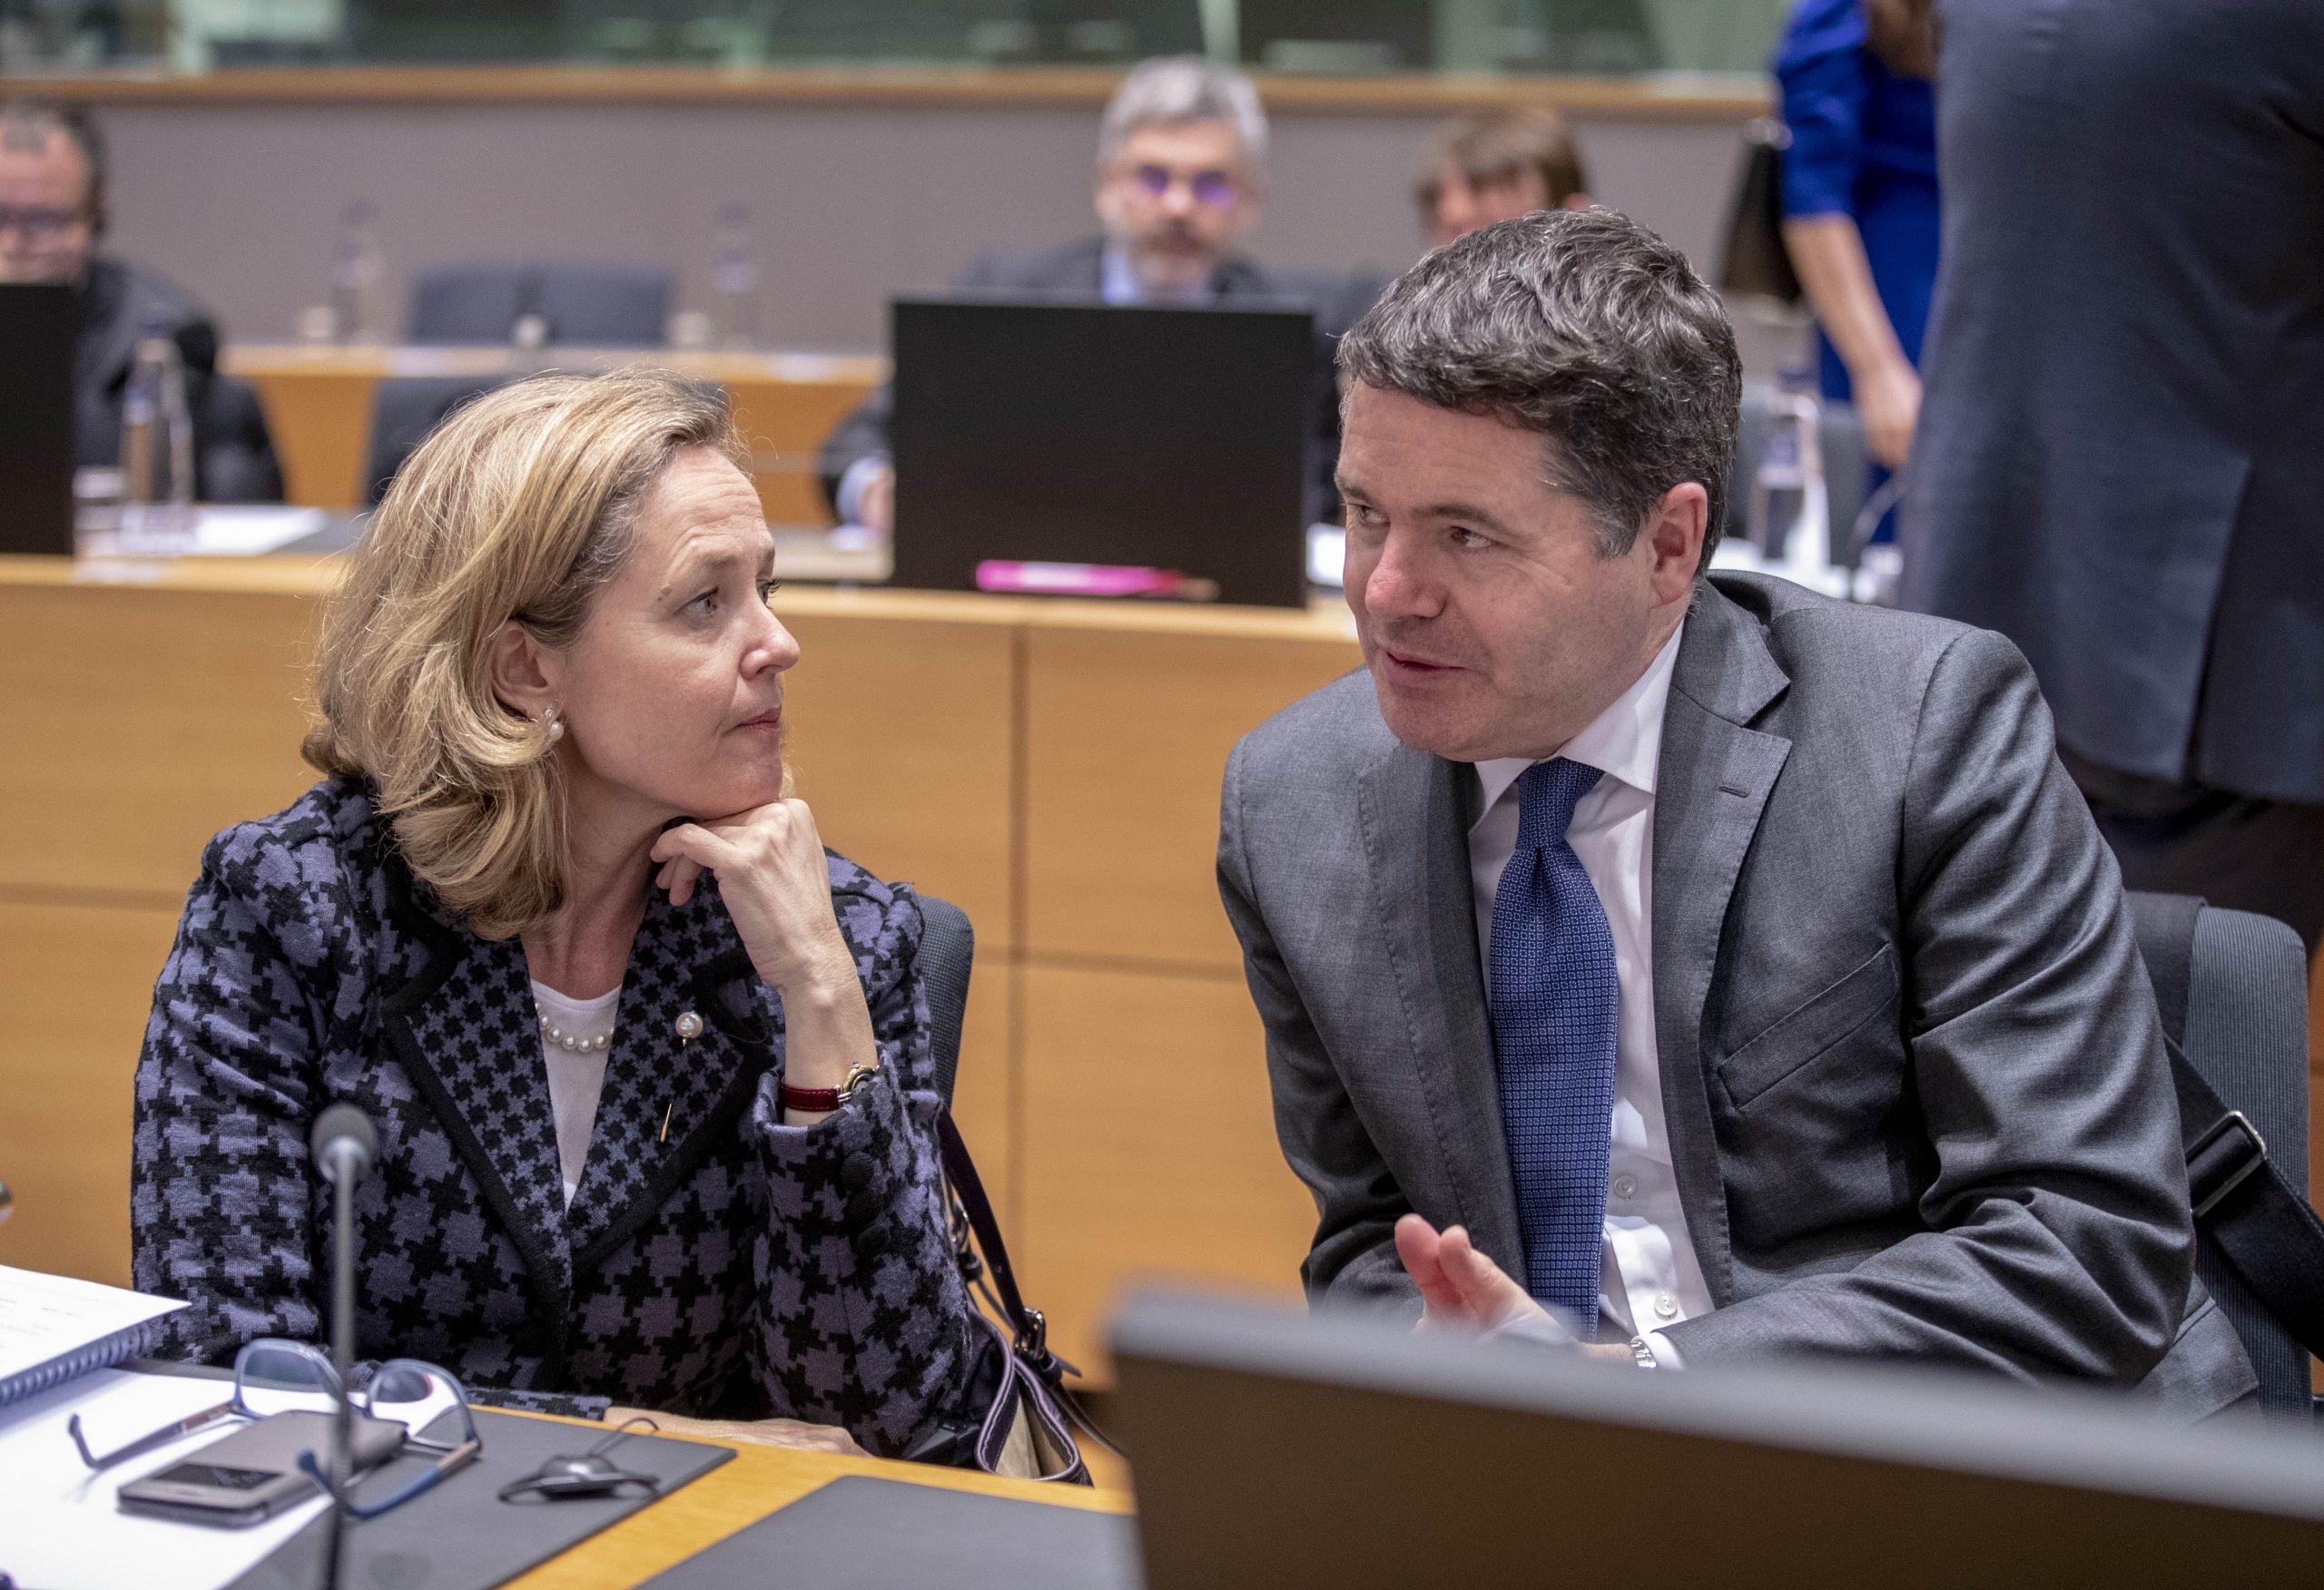 Le ministre des Finances Paschal Donohoe (Irlande) préside les réunions de l'Eurogroupe depuis le 13 juillet 2020 pour deux ans et demi. Il a été élu face à Nadia Calviño (Espagne). Ici, les deux ministres lors d'une réunion en mars 2019